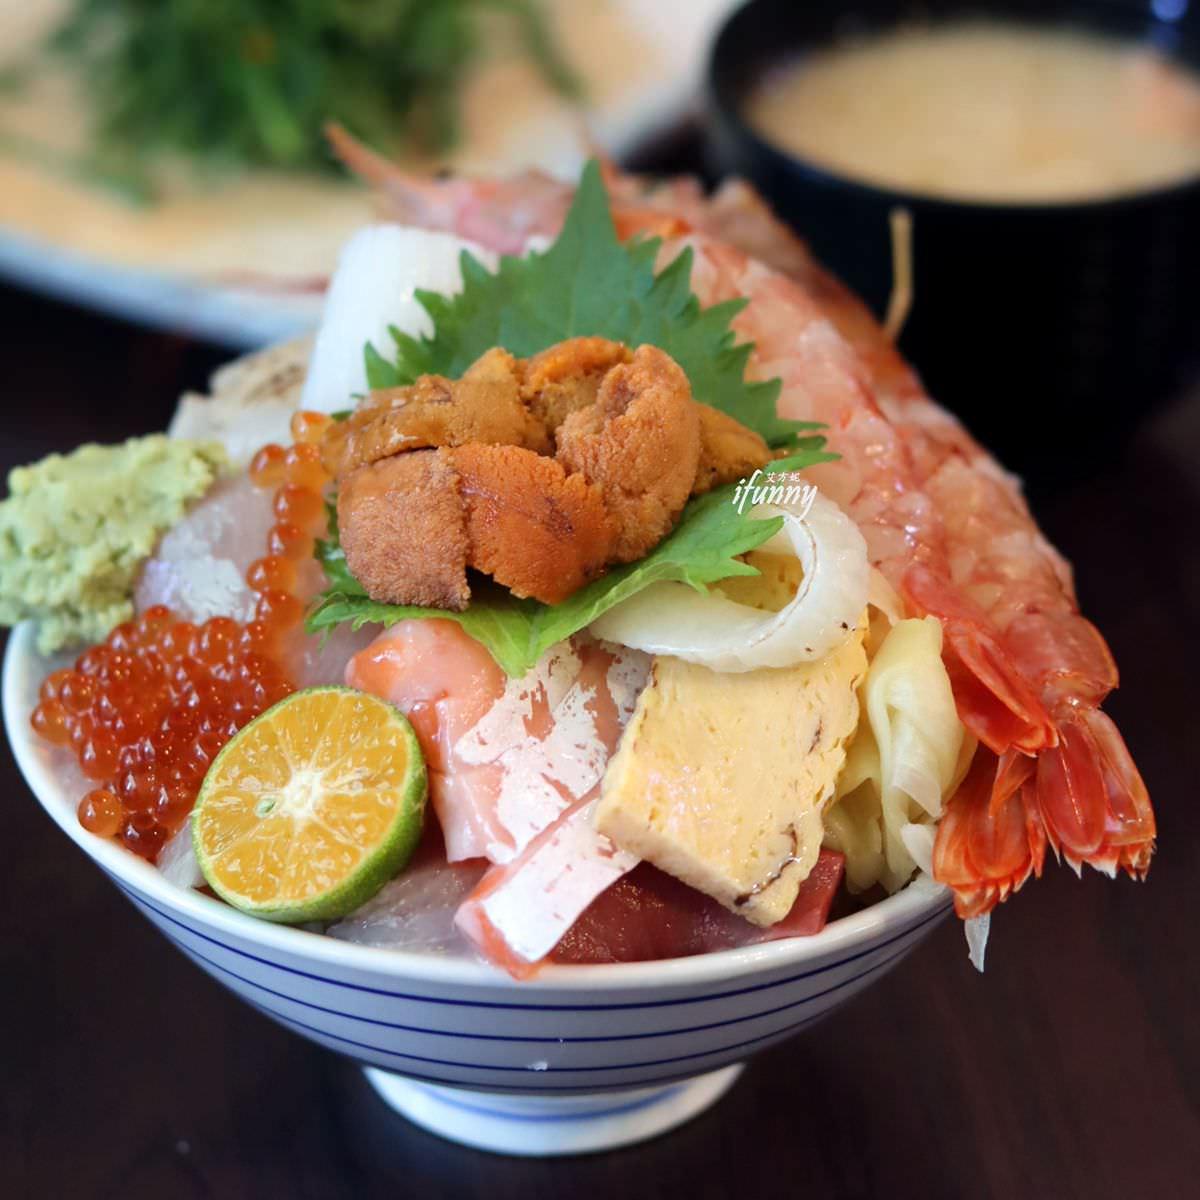 環狀線 中原站 | 揚日式料理(生魚片蓋飯) 浮誇系丼飯/隨意丼 吃到第三層才看得到醋飯